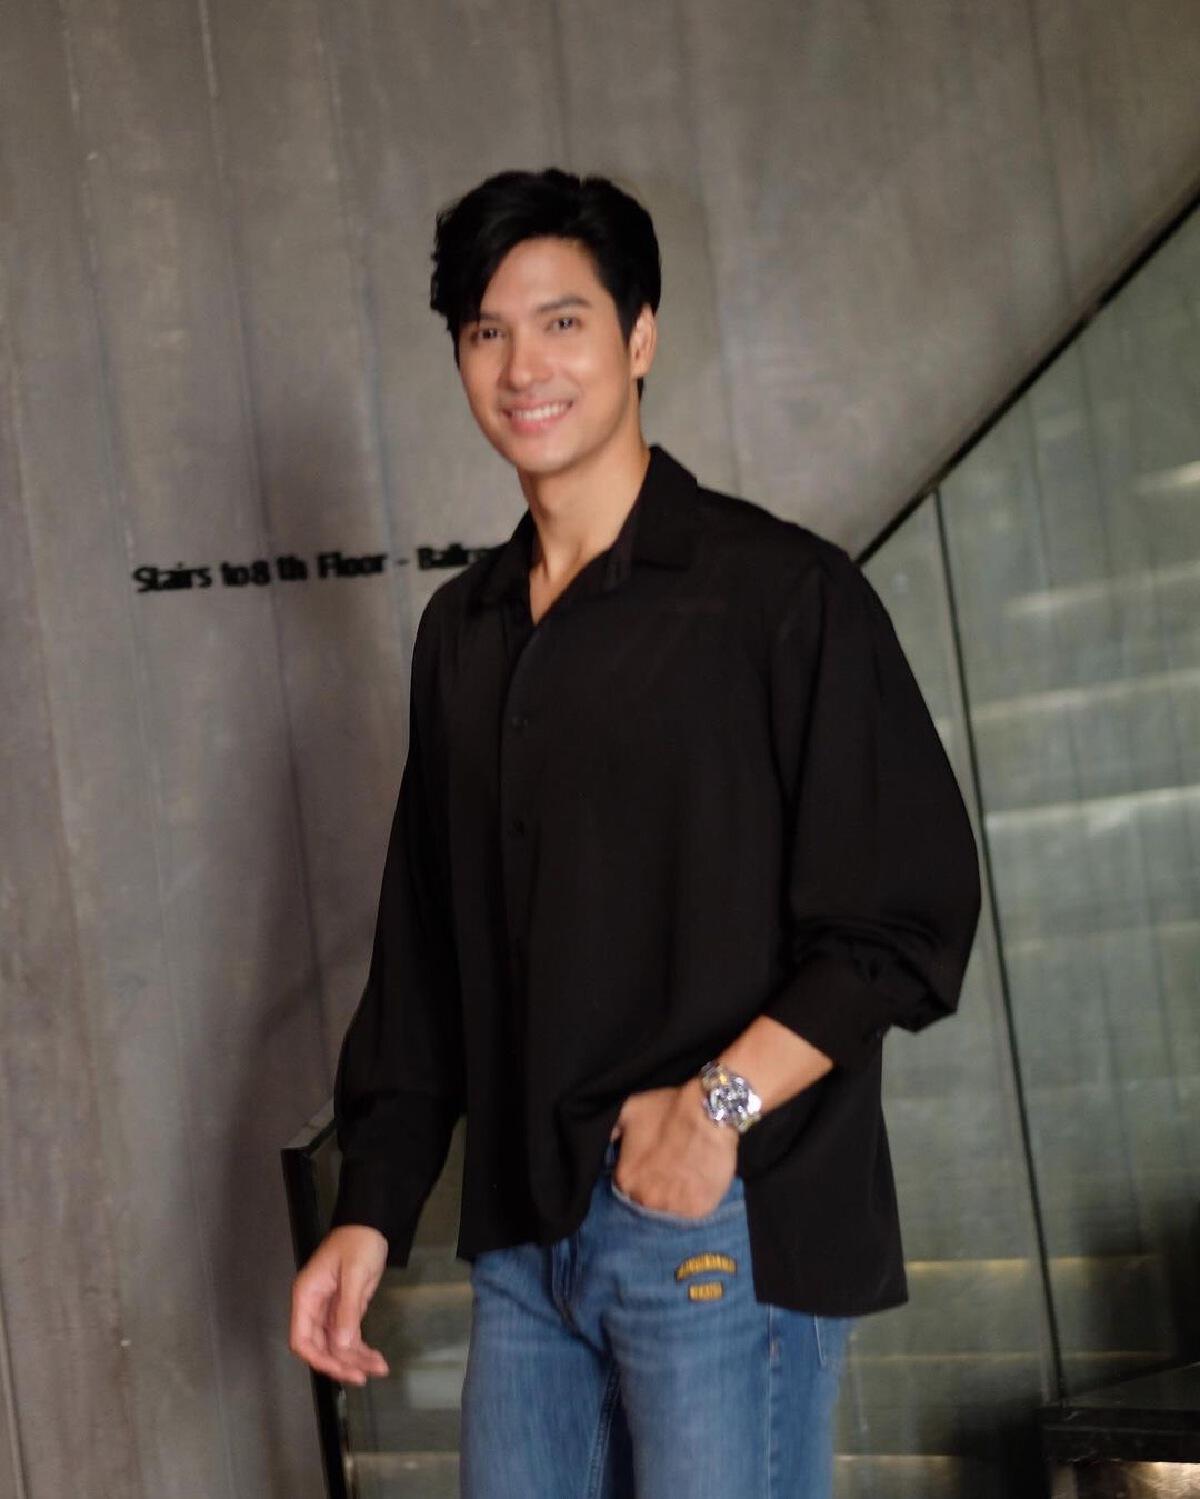 ไมค์ ภัทรเดช บริจาคเงินหลักแสน สมทบทุนพัฒนาวัคซีนไทย